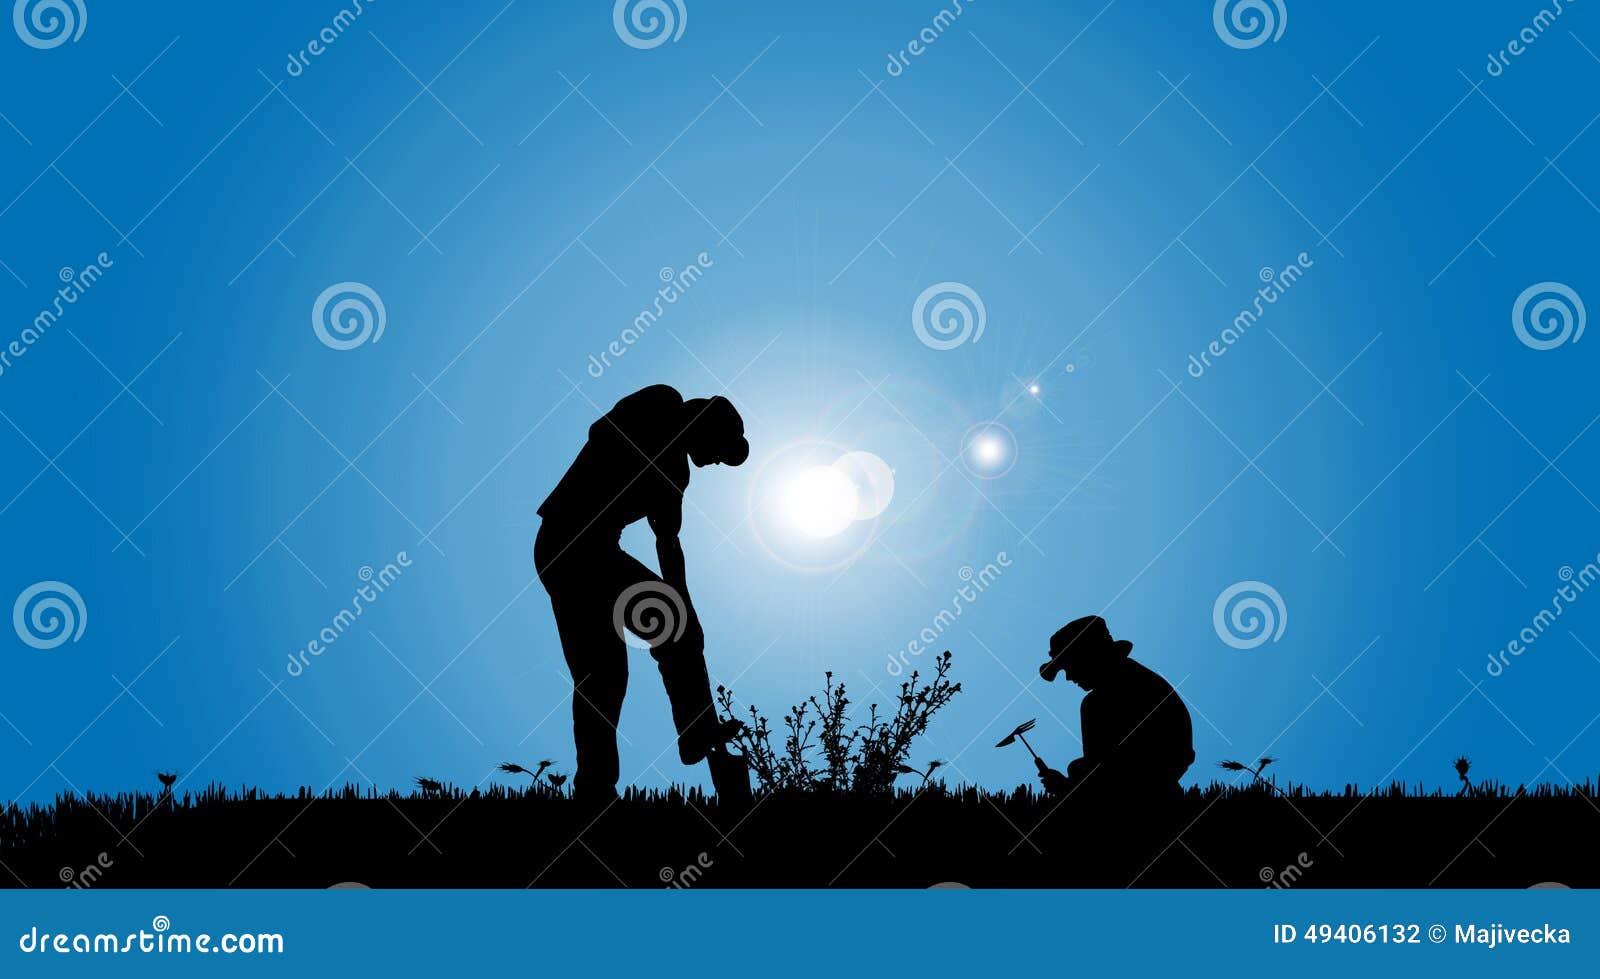 Download Vektorschattenbilder Der Familie Vektor Abbildung - Illustration von gardening, hintergrund: 49406132